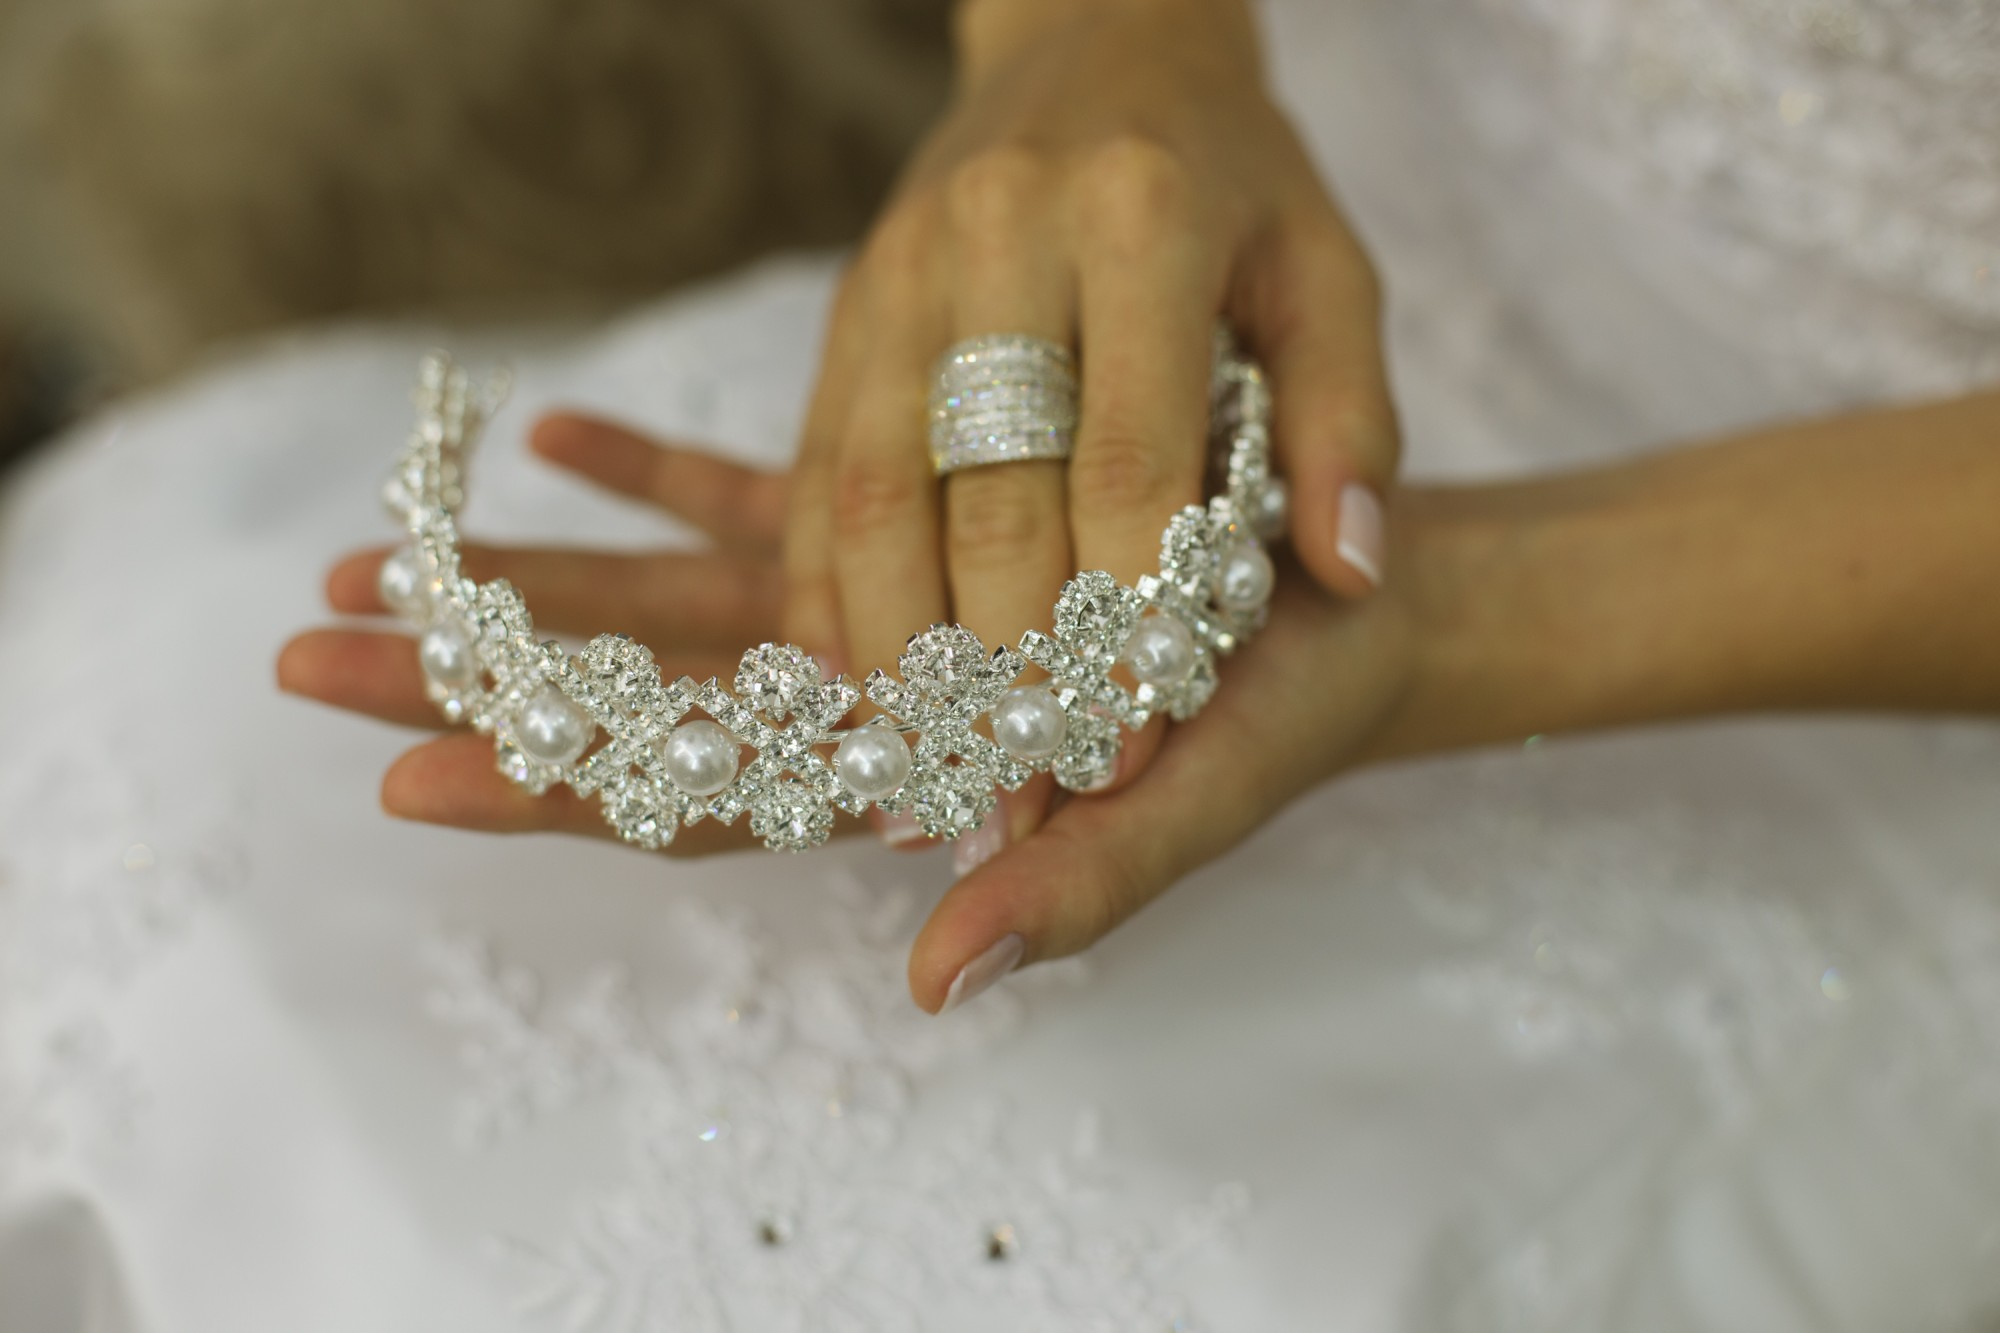 Maiara Kuki e Ricardo - Casamento em Palotina - PR por Lorran Souza e Léia Sotile - fotografo de casamentos00005